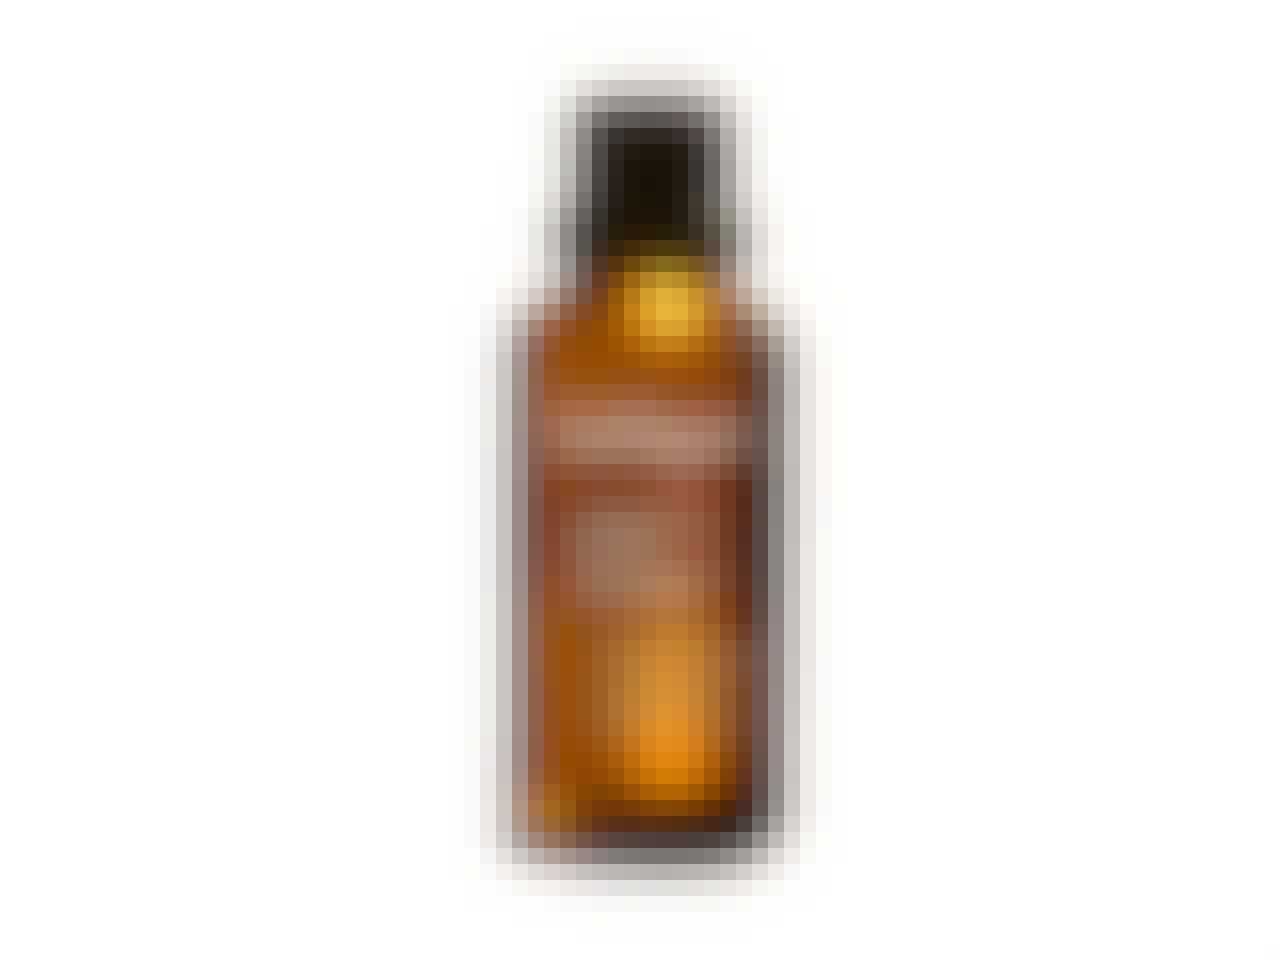 Jurliques Skin balancing face oil til 370 kr. hos Mynthe - Økologisk Parfumeri, Bagerstræde 3-6, København V.